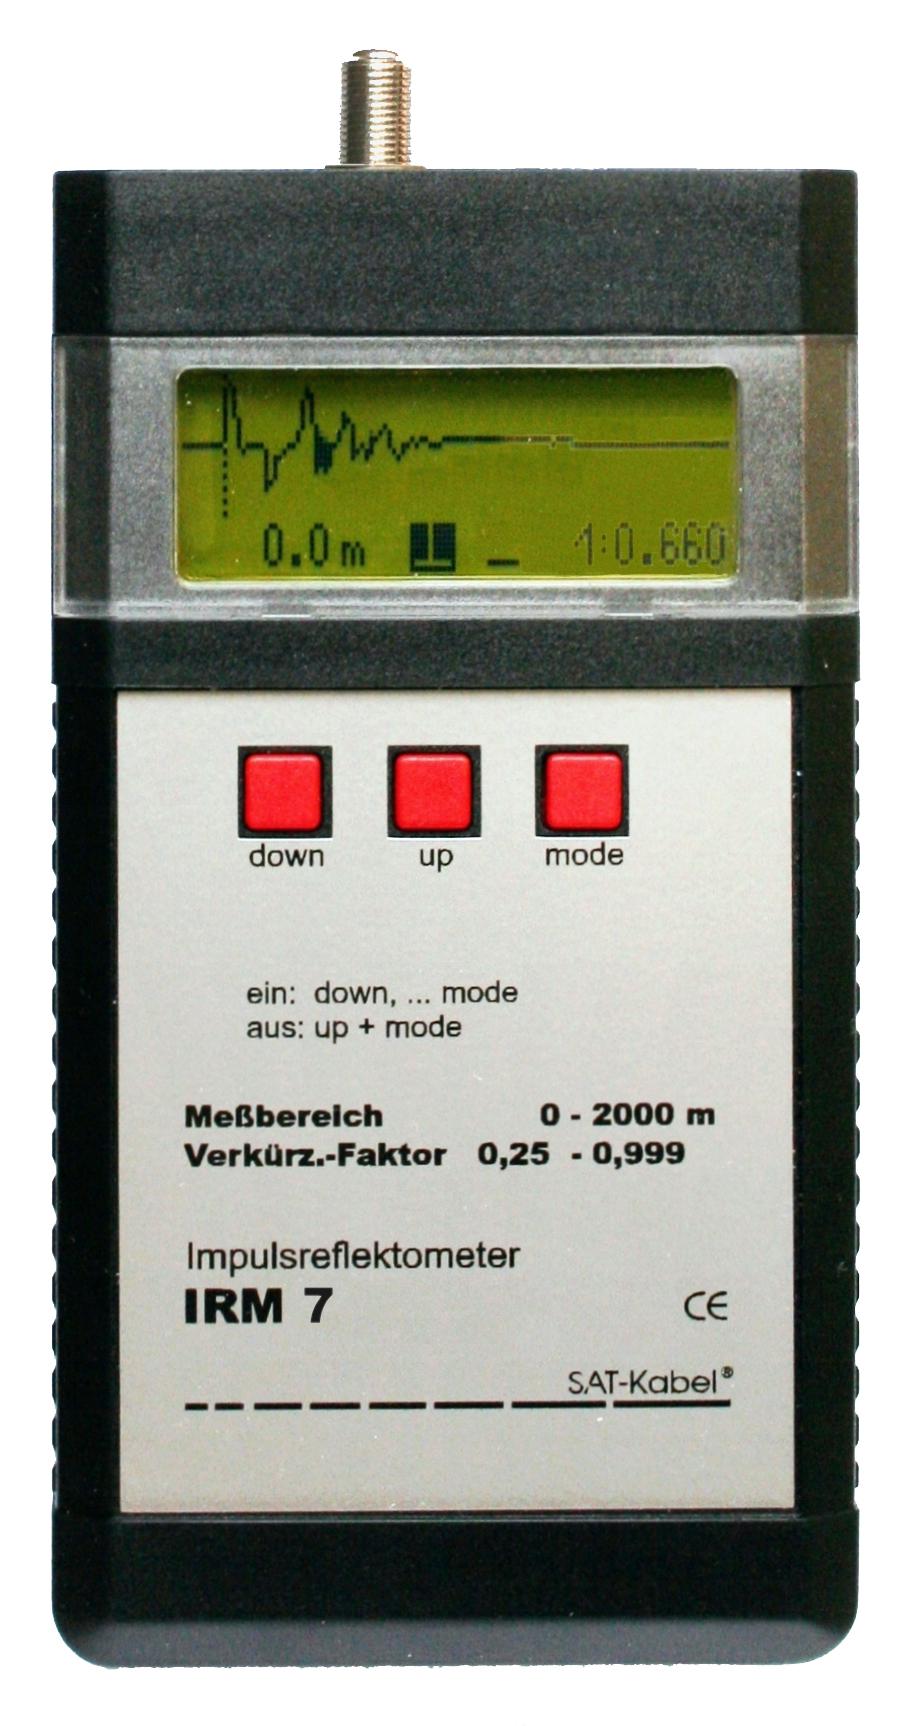 IRM 7 - Impulsreflektometer